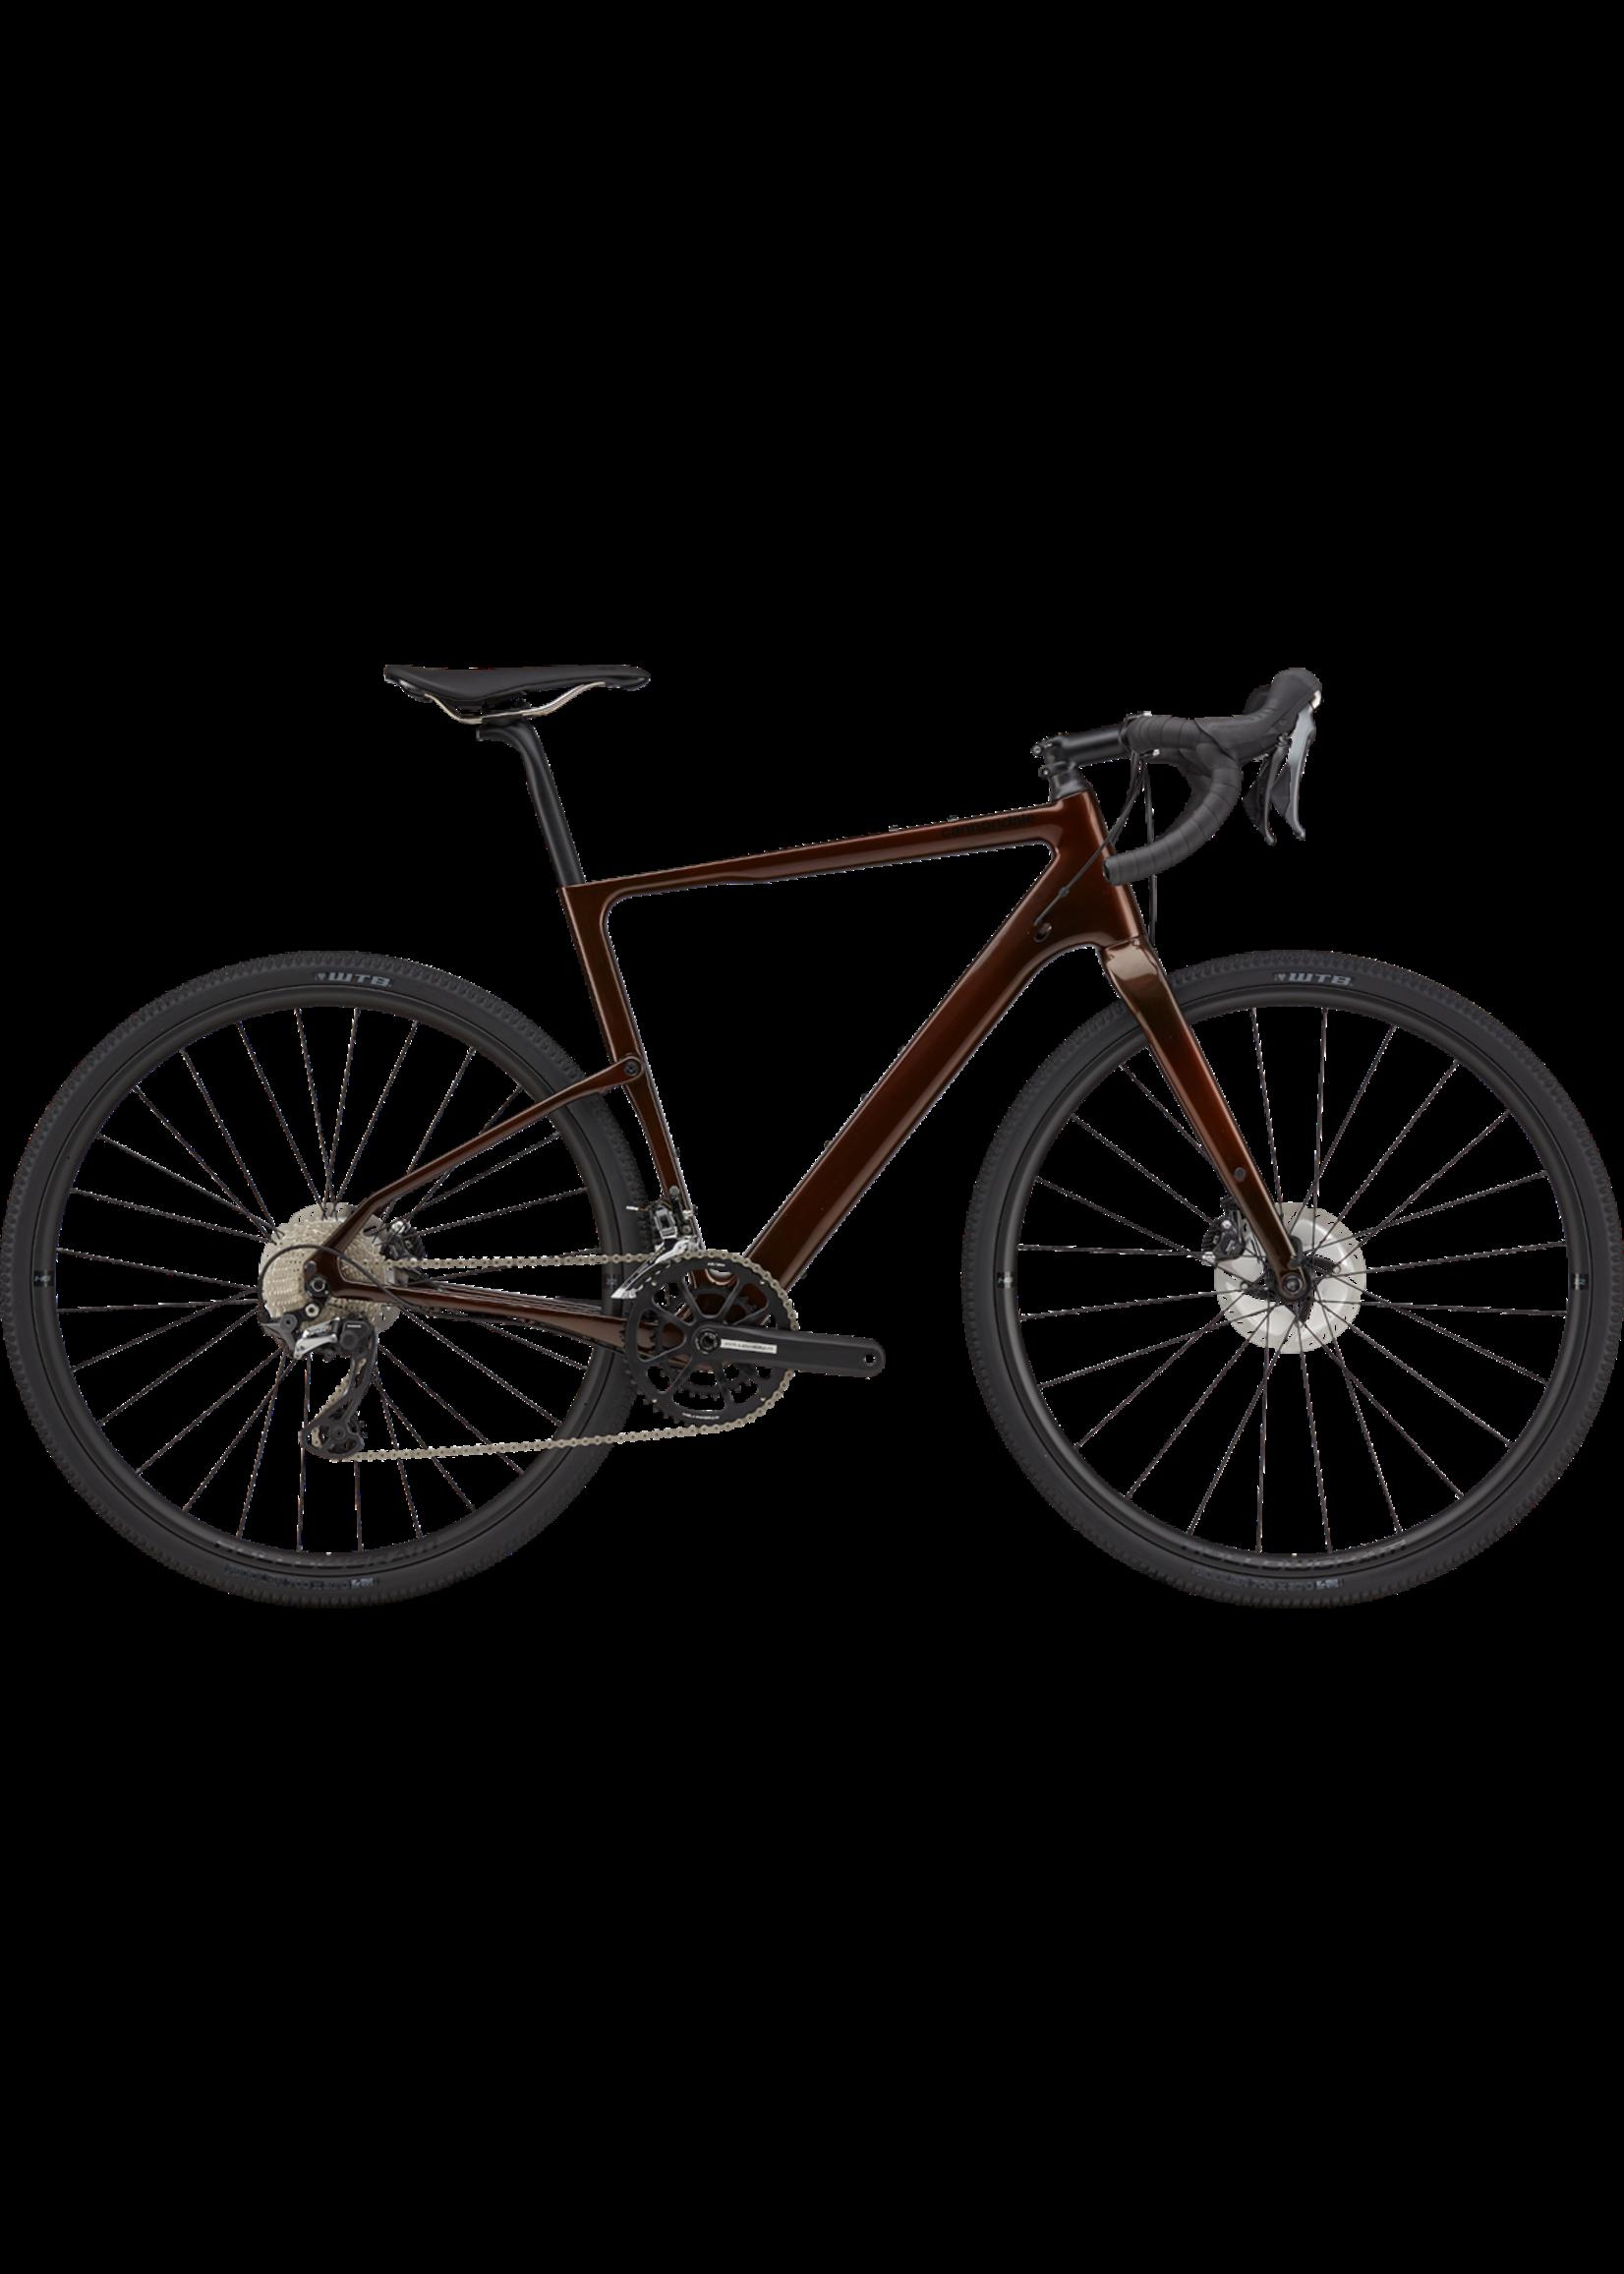 Cannondale 2021 Cannondale Topstone Carbon 2 GRX Saber Tint